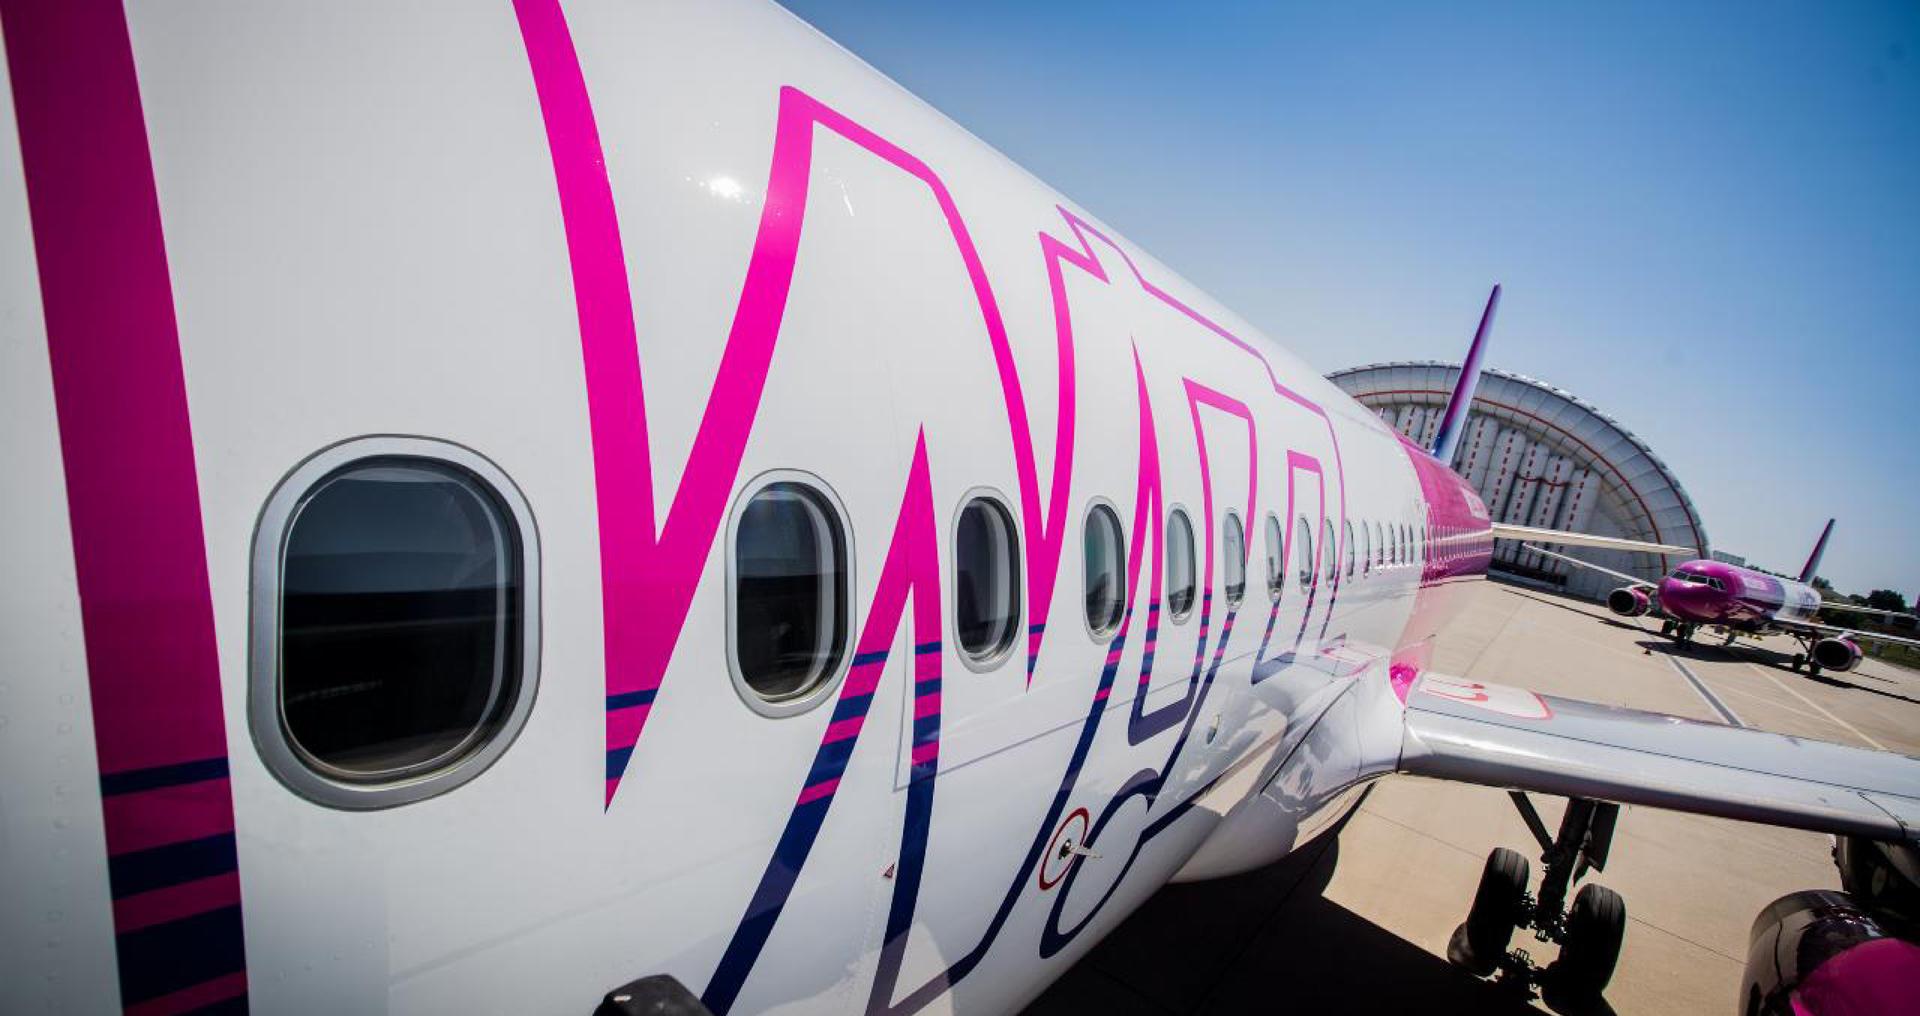 FO vil ikke bruke flyselskapet Wizz Air